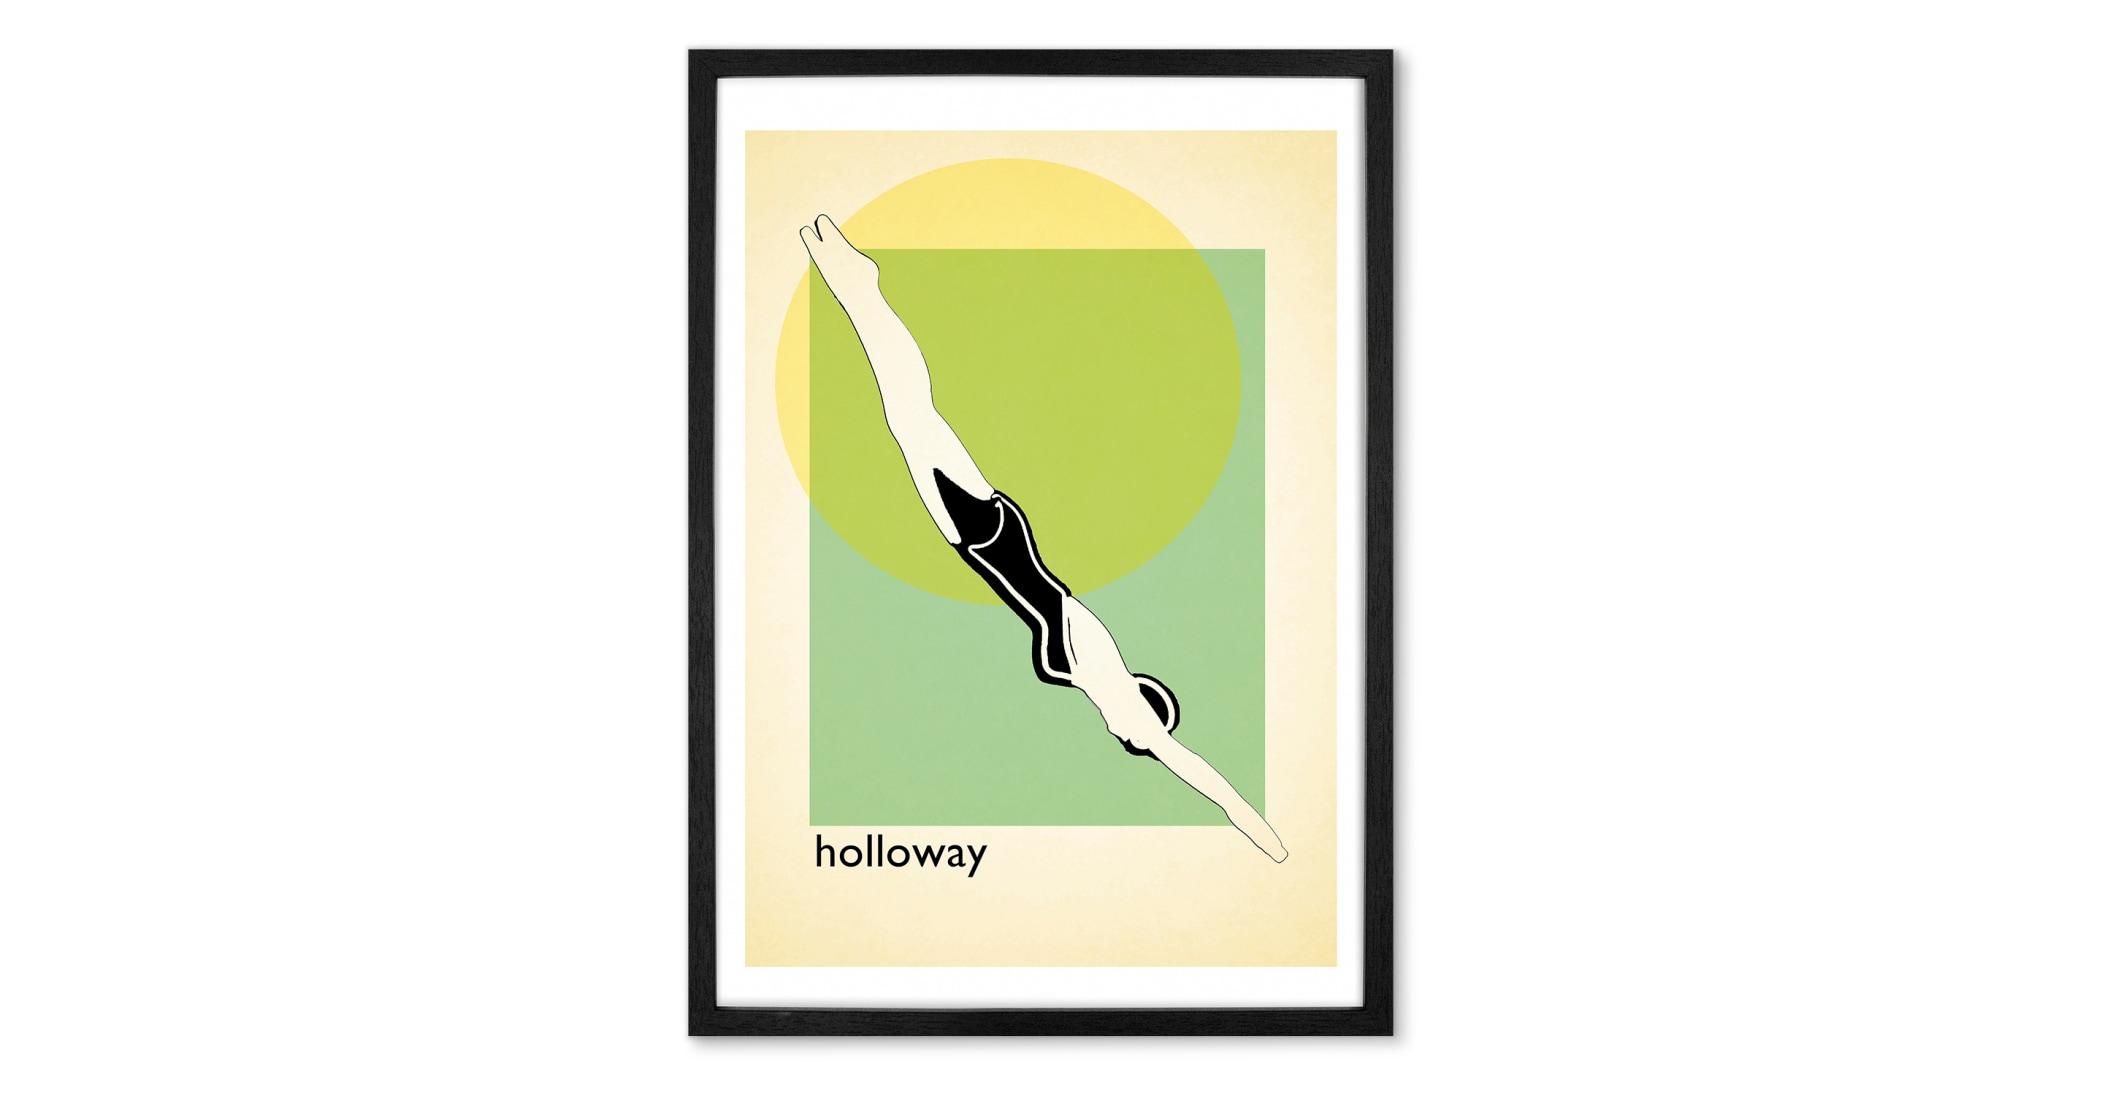 Lámina enmarcada vintage Holloway Lido, multi (más tamaños disponibles)